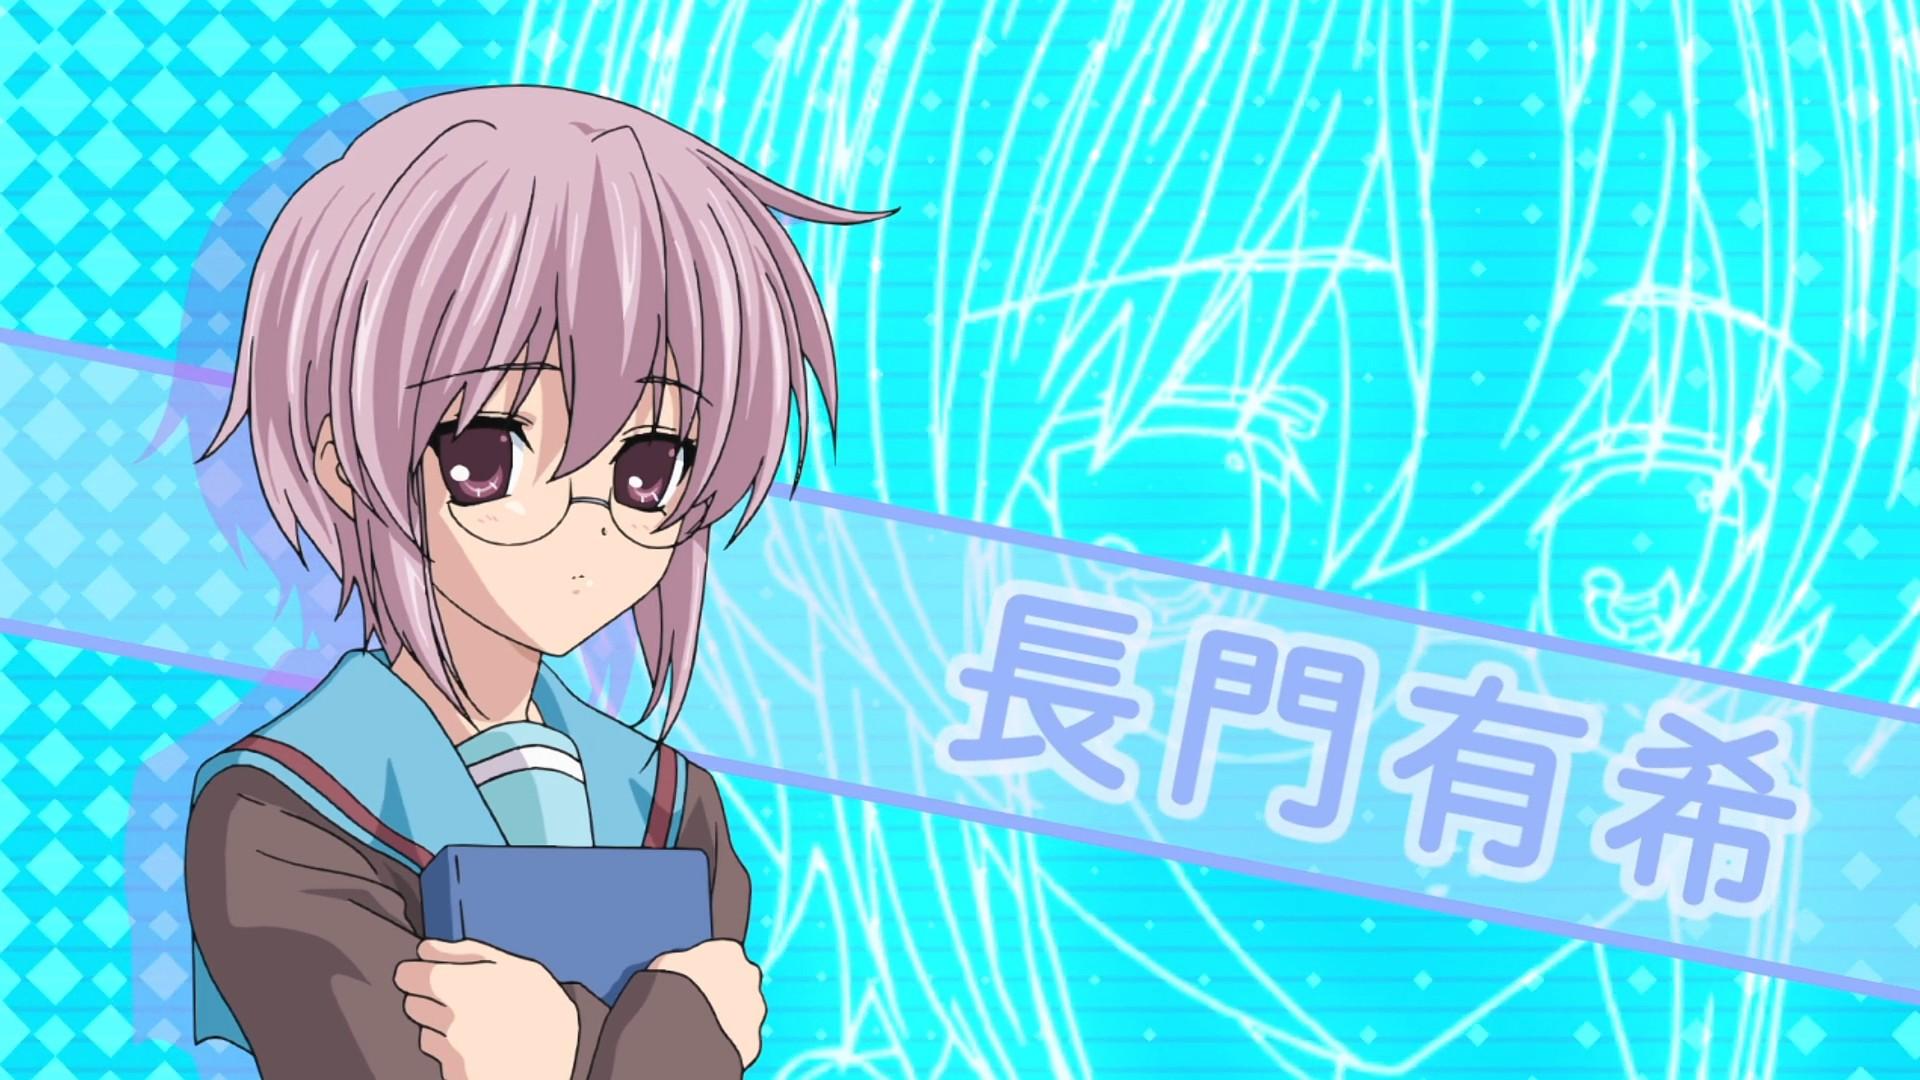 Nagato Yuki  C B Download Nagato Yuki Image